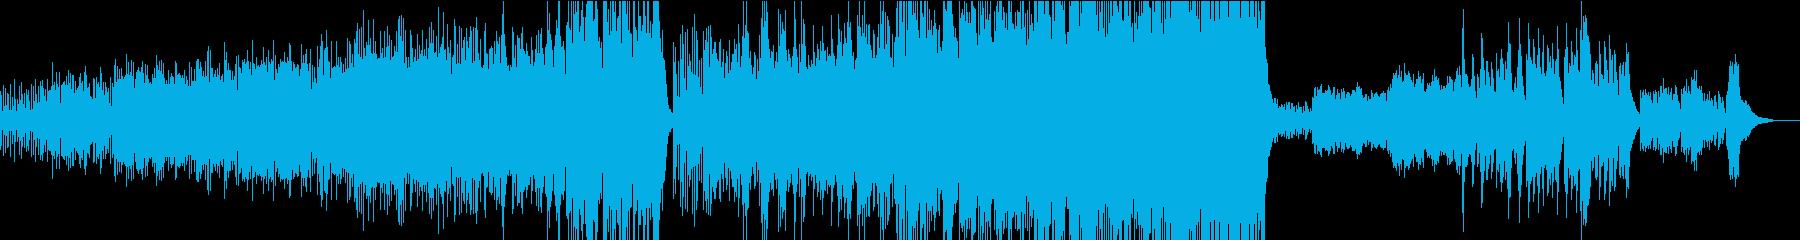 渓流のように爽やかな室内楽風プログレの再生済みの波形